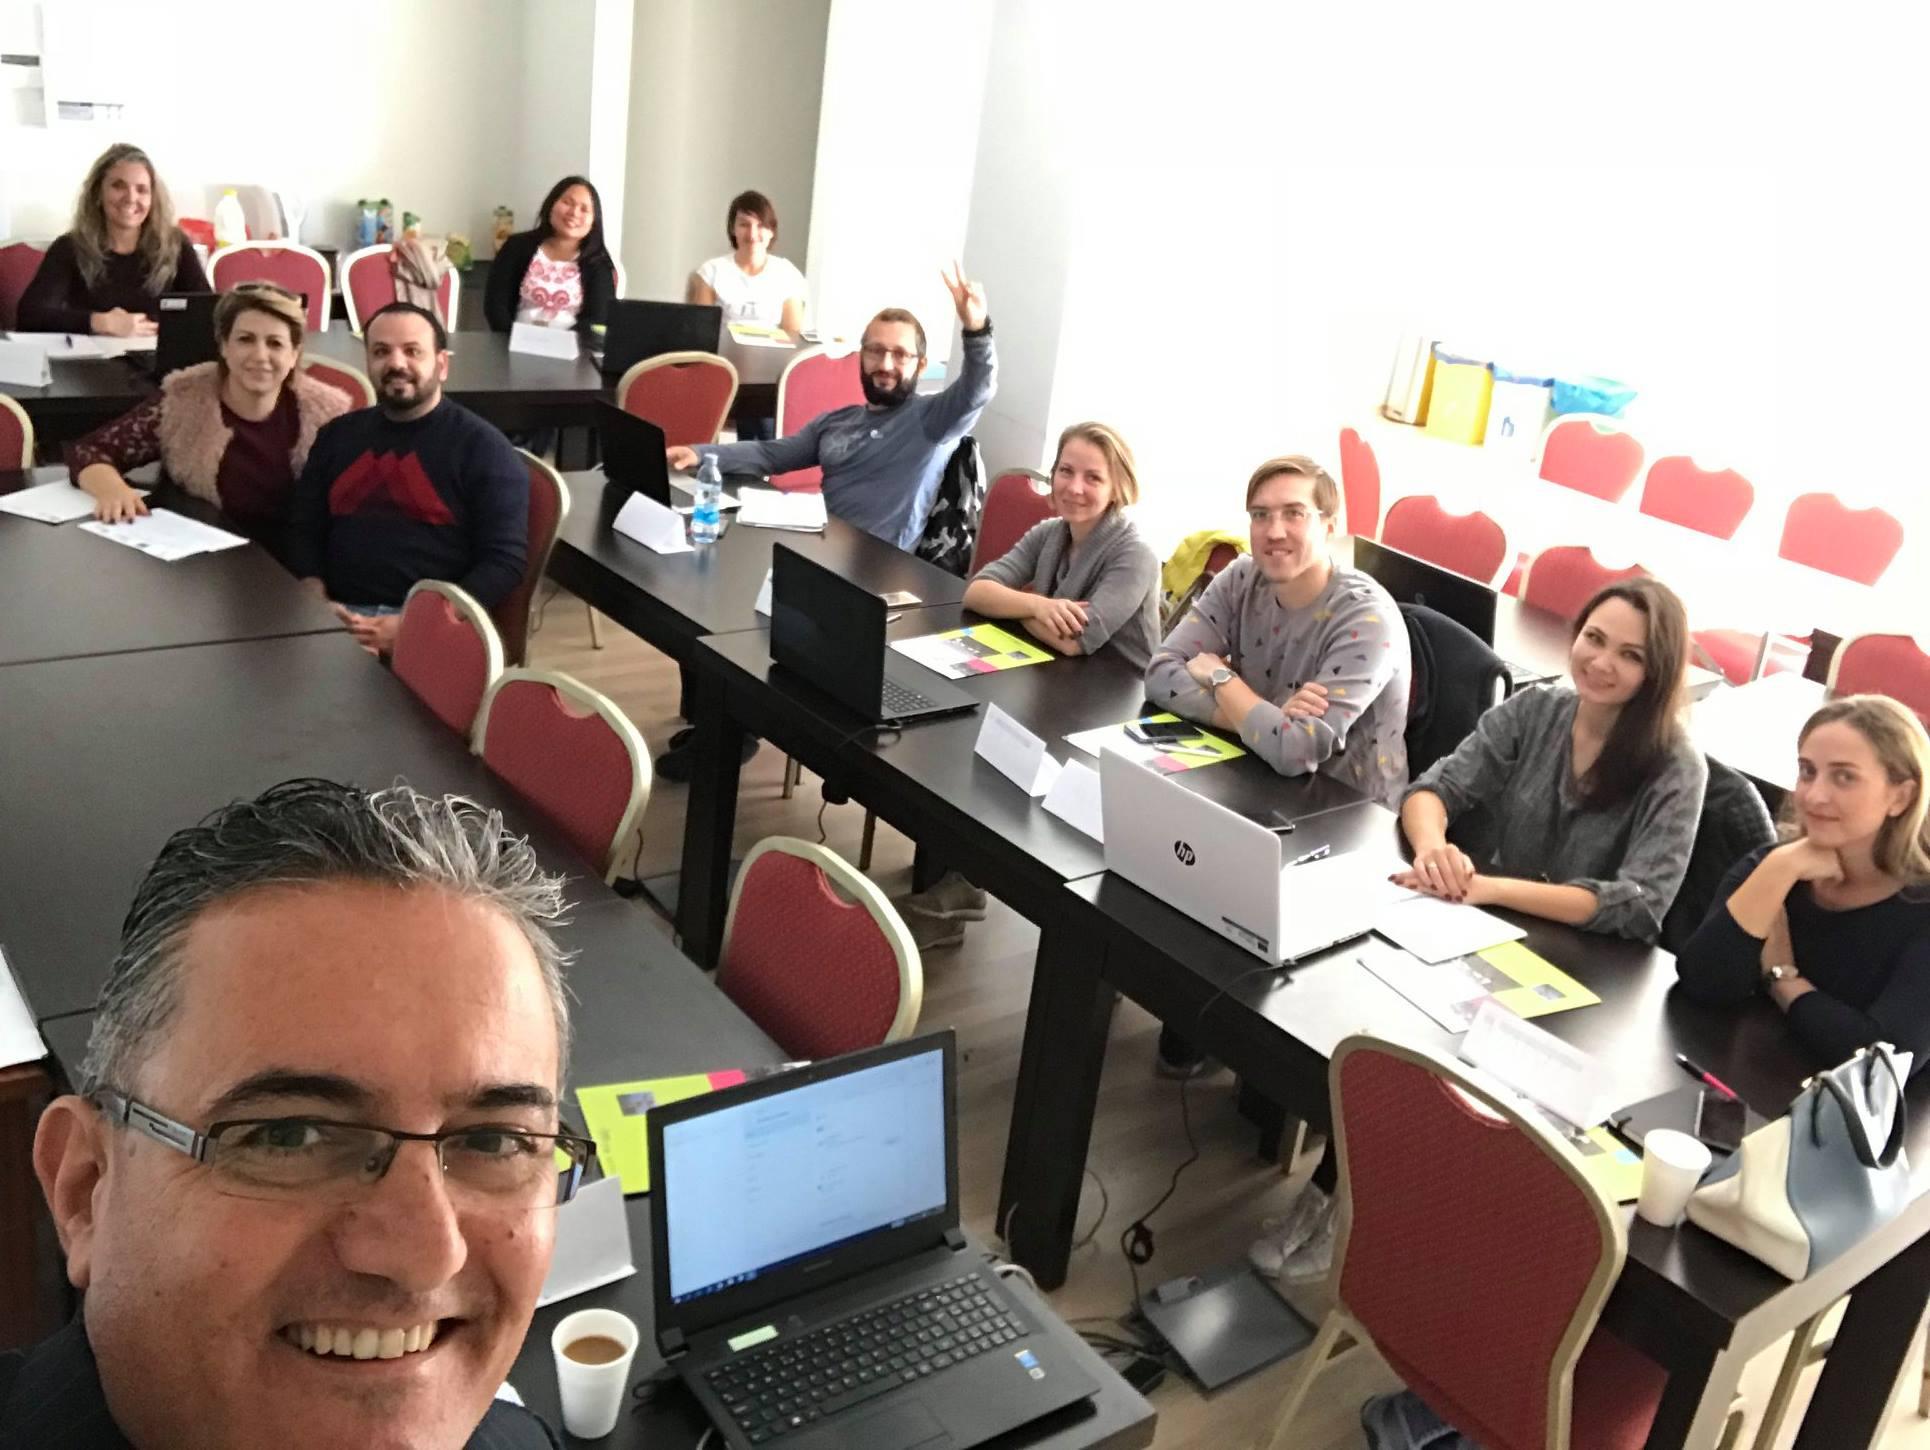 Σεμινάρια Ηλεκτρονικού Μαρκετινγκ – Δήμος Αγίου Αθανασίου (20-27.10.2018)